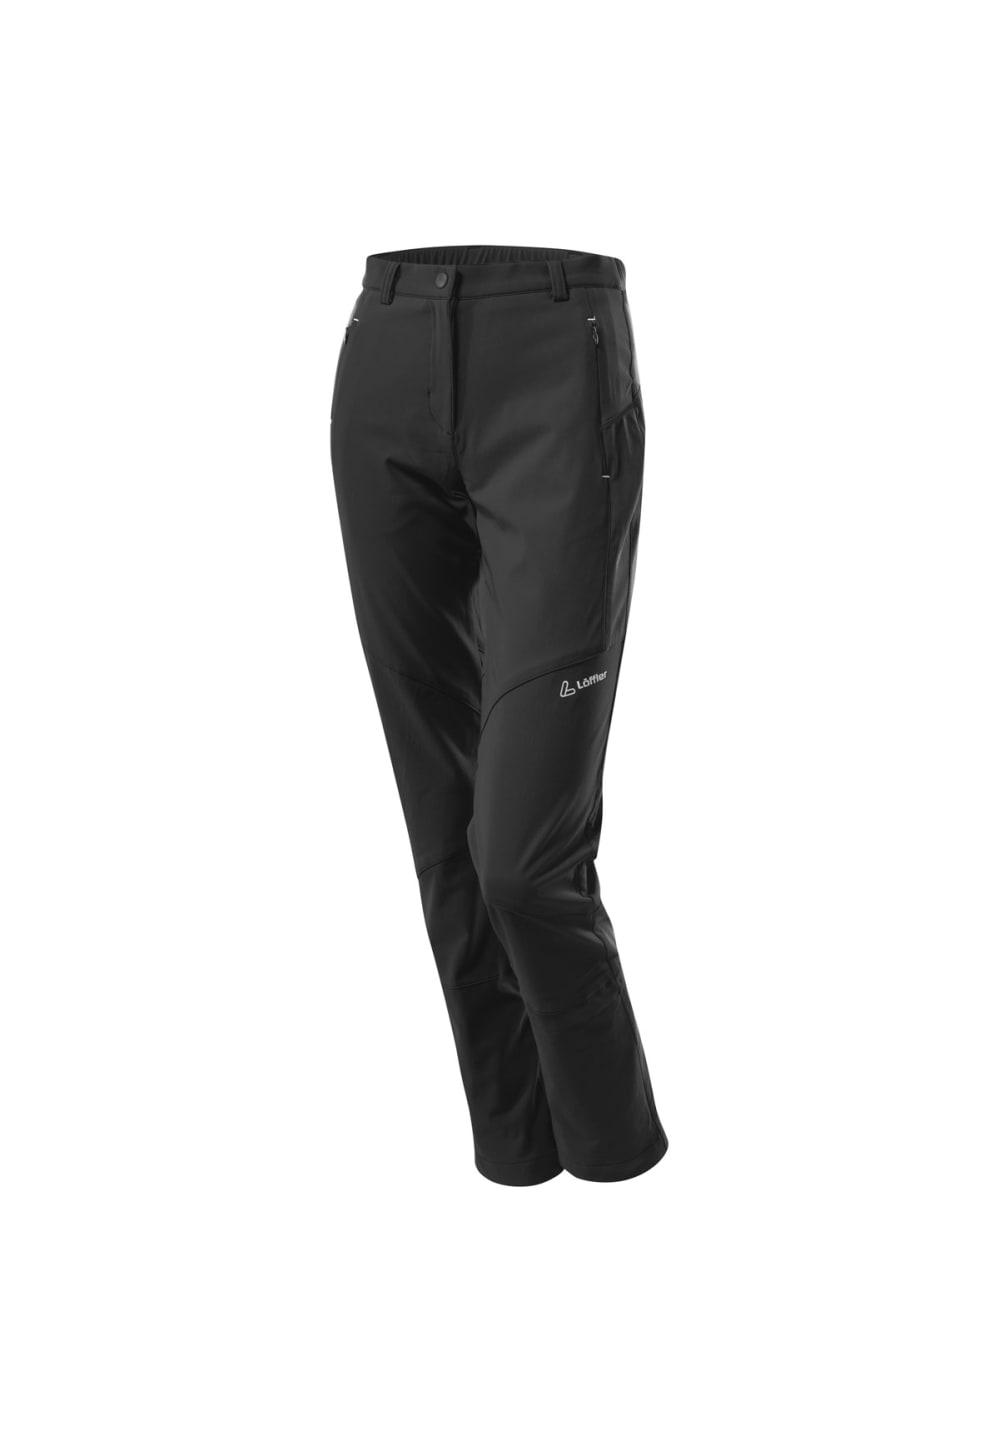 Löffler Active Shell Comfort Pants - Radhosen für Damen - Schwarz, Gr. 76